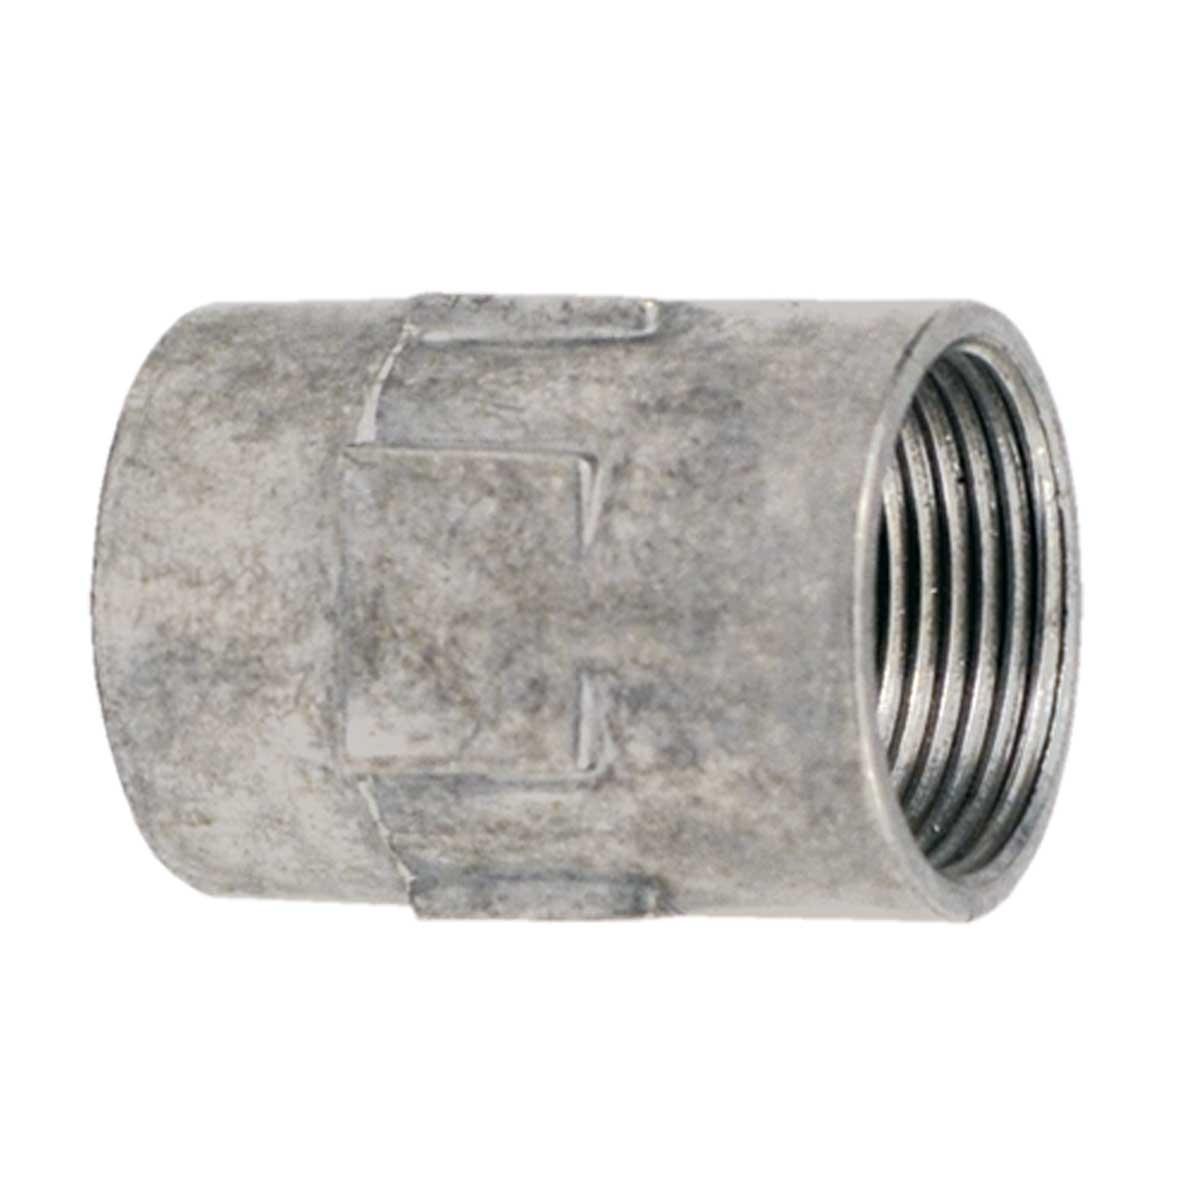 Муфта різьбова для труби  ZNМ; сталь оцинкована шар цинку 17-19мкм стійкість корозії- 2 кат.; упаковка 10 шт